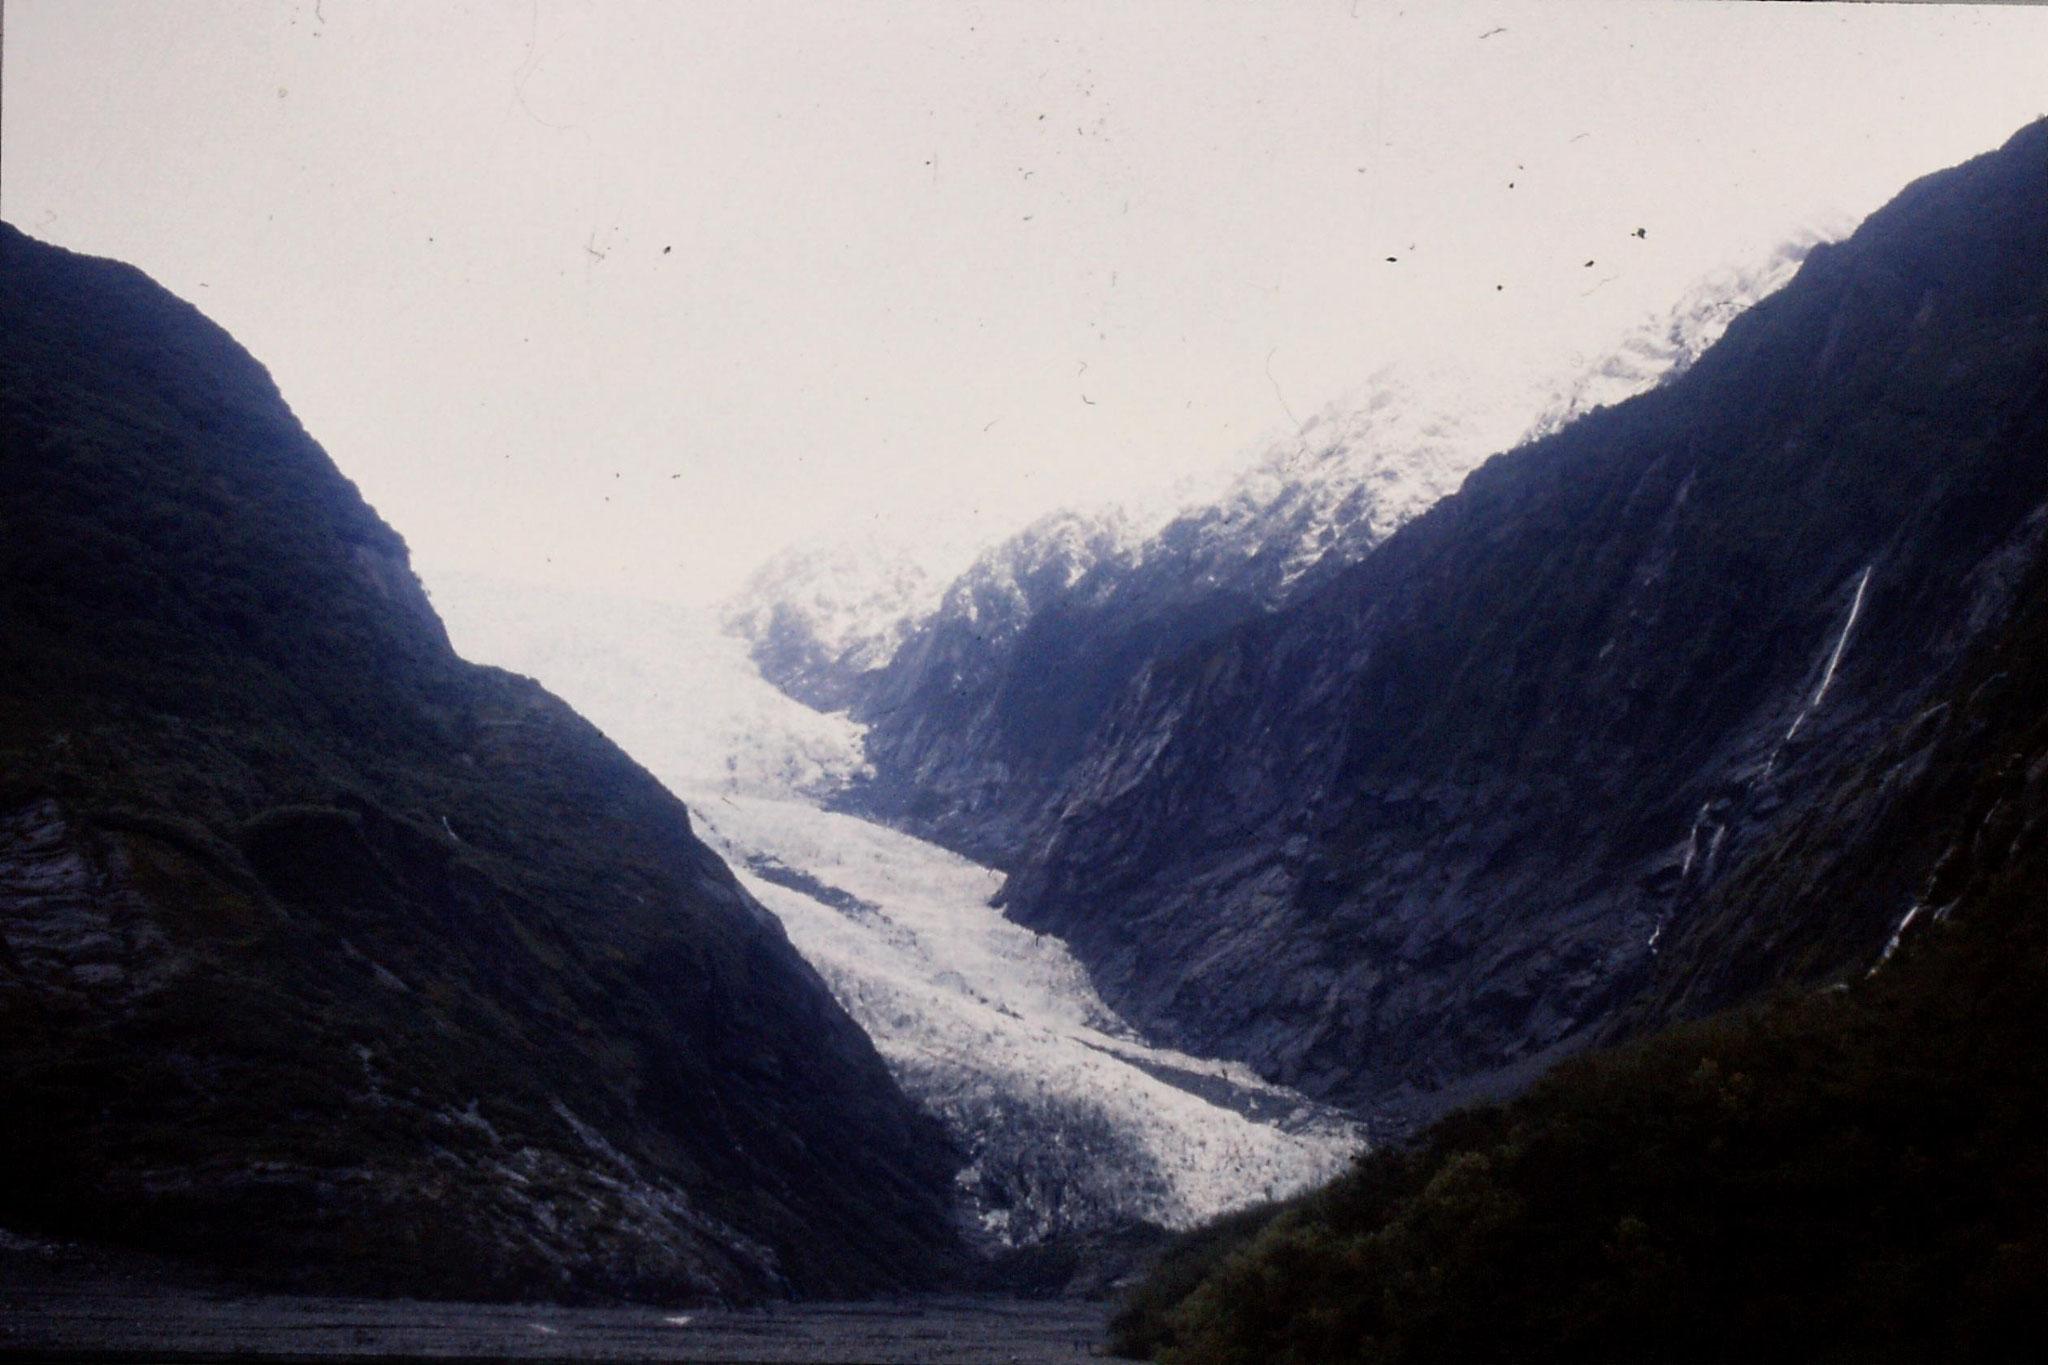 22/8/1990: 32: Franz Joseph Glacier